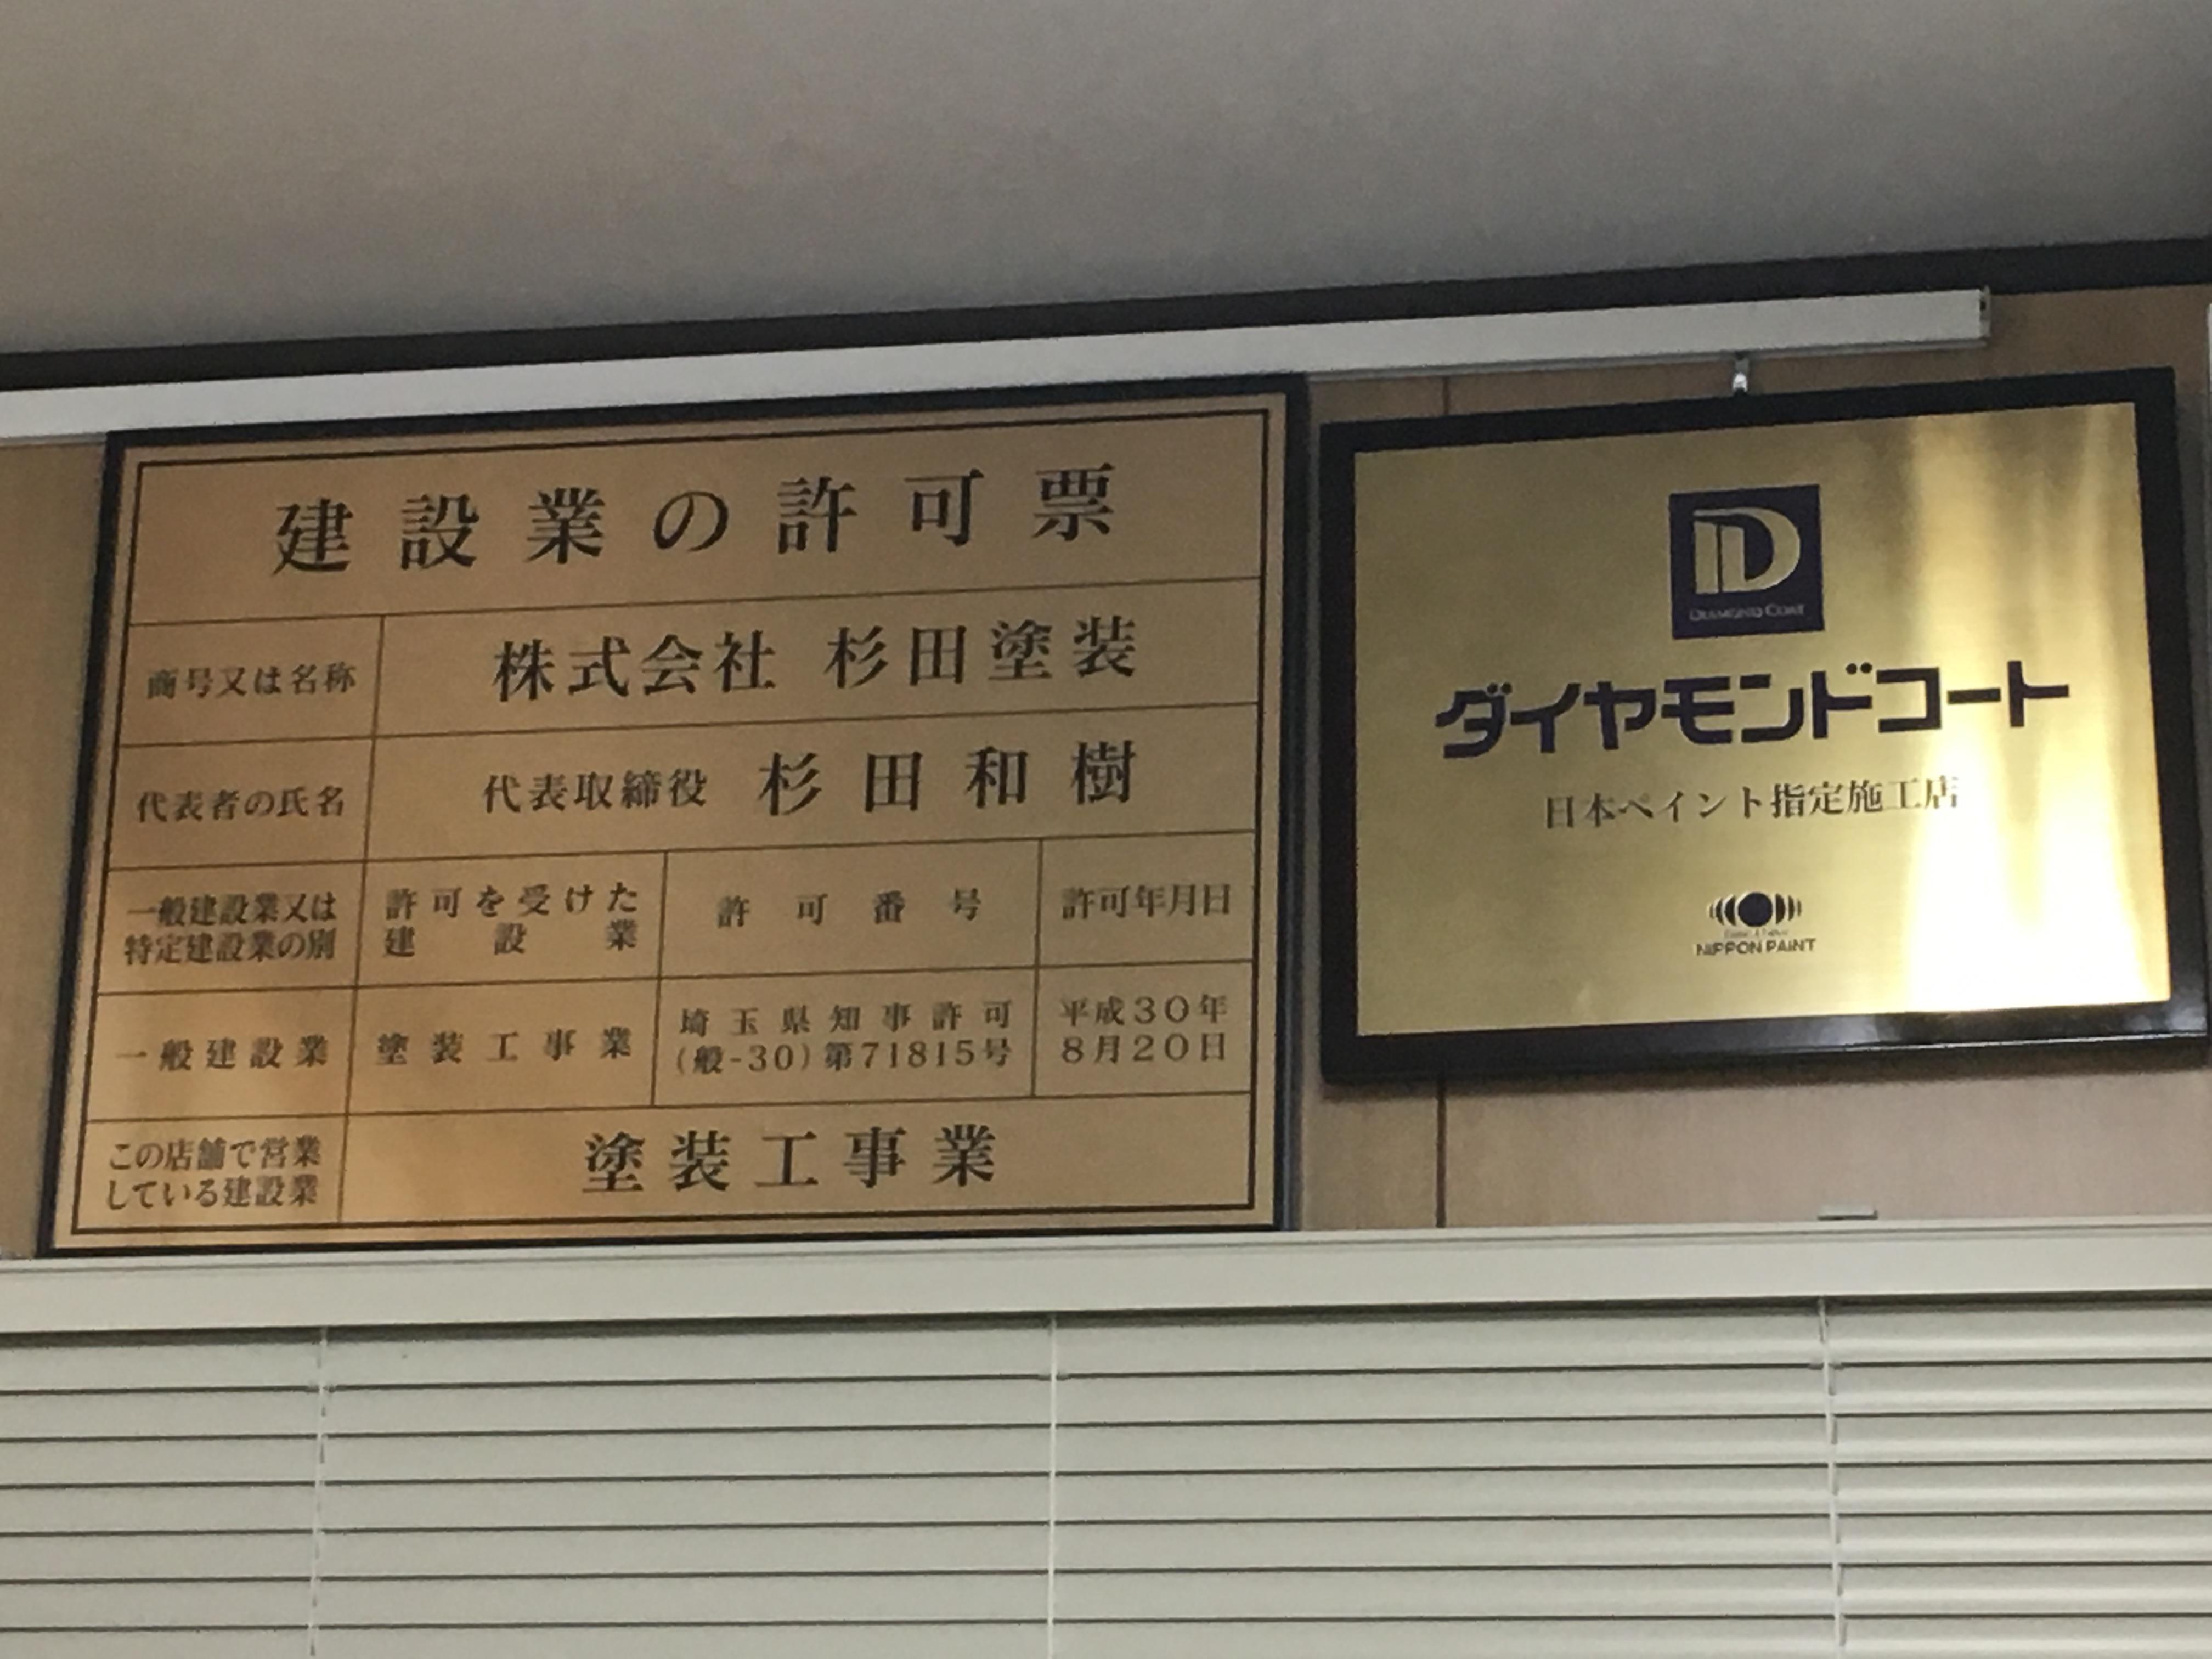 杉田塗装 建設業許可看板 加須市の外壁塗装店としてはかなりレア